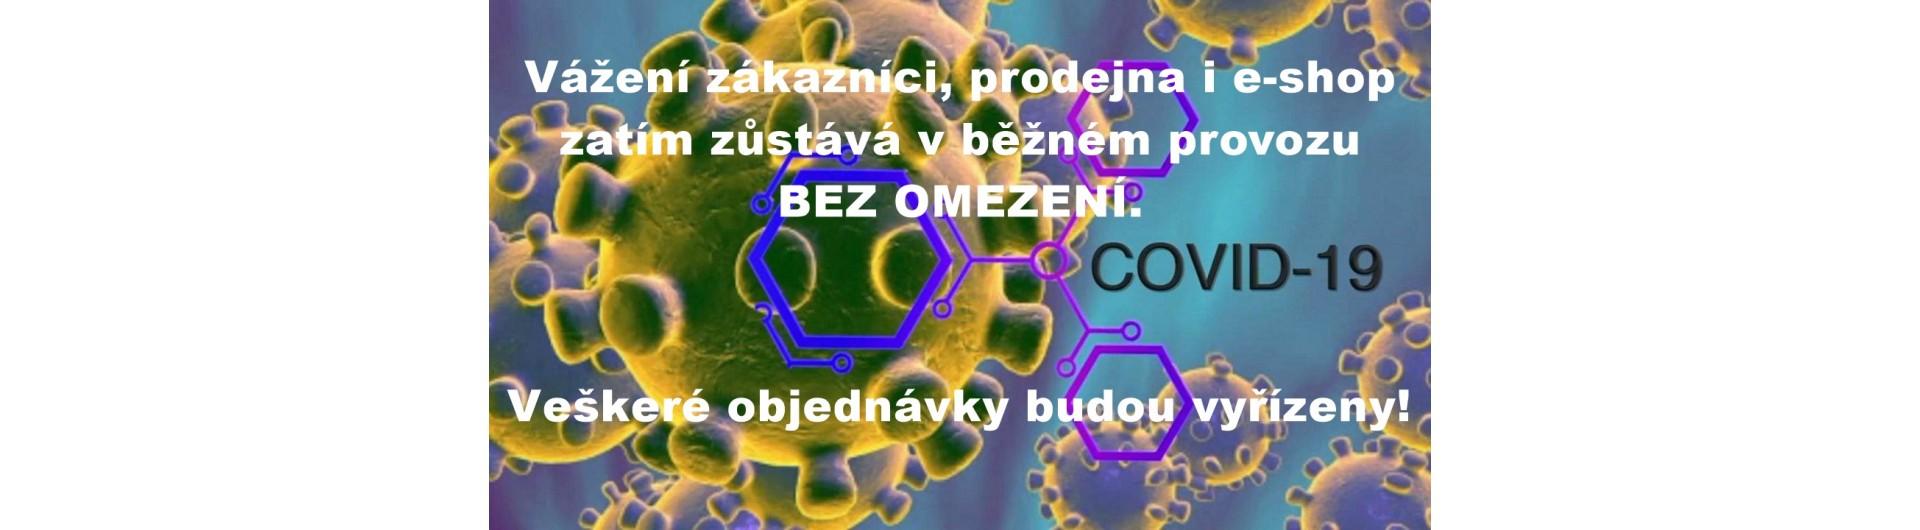 Aktuální informace ohledně Covid-19